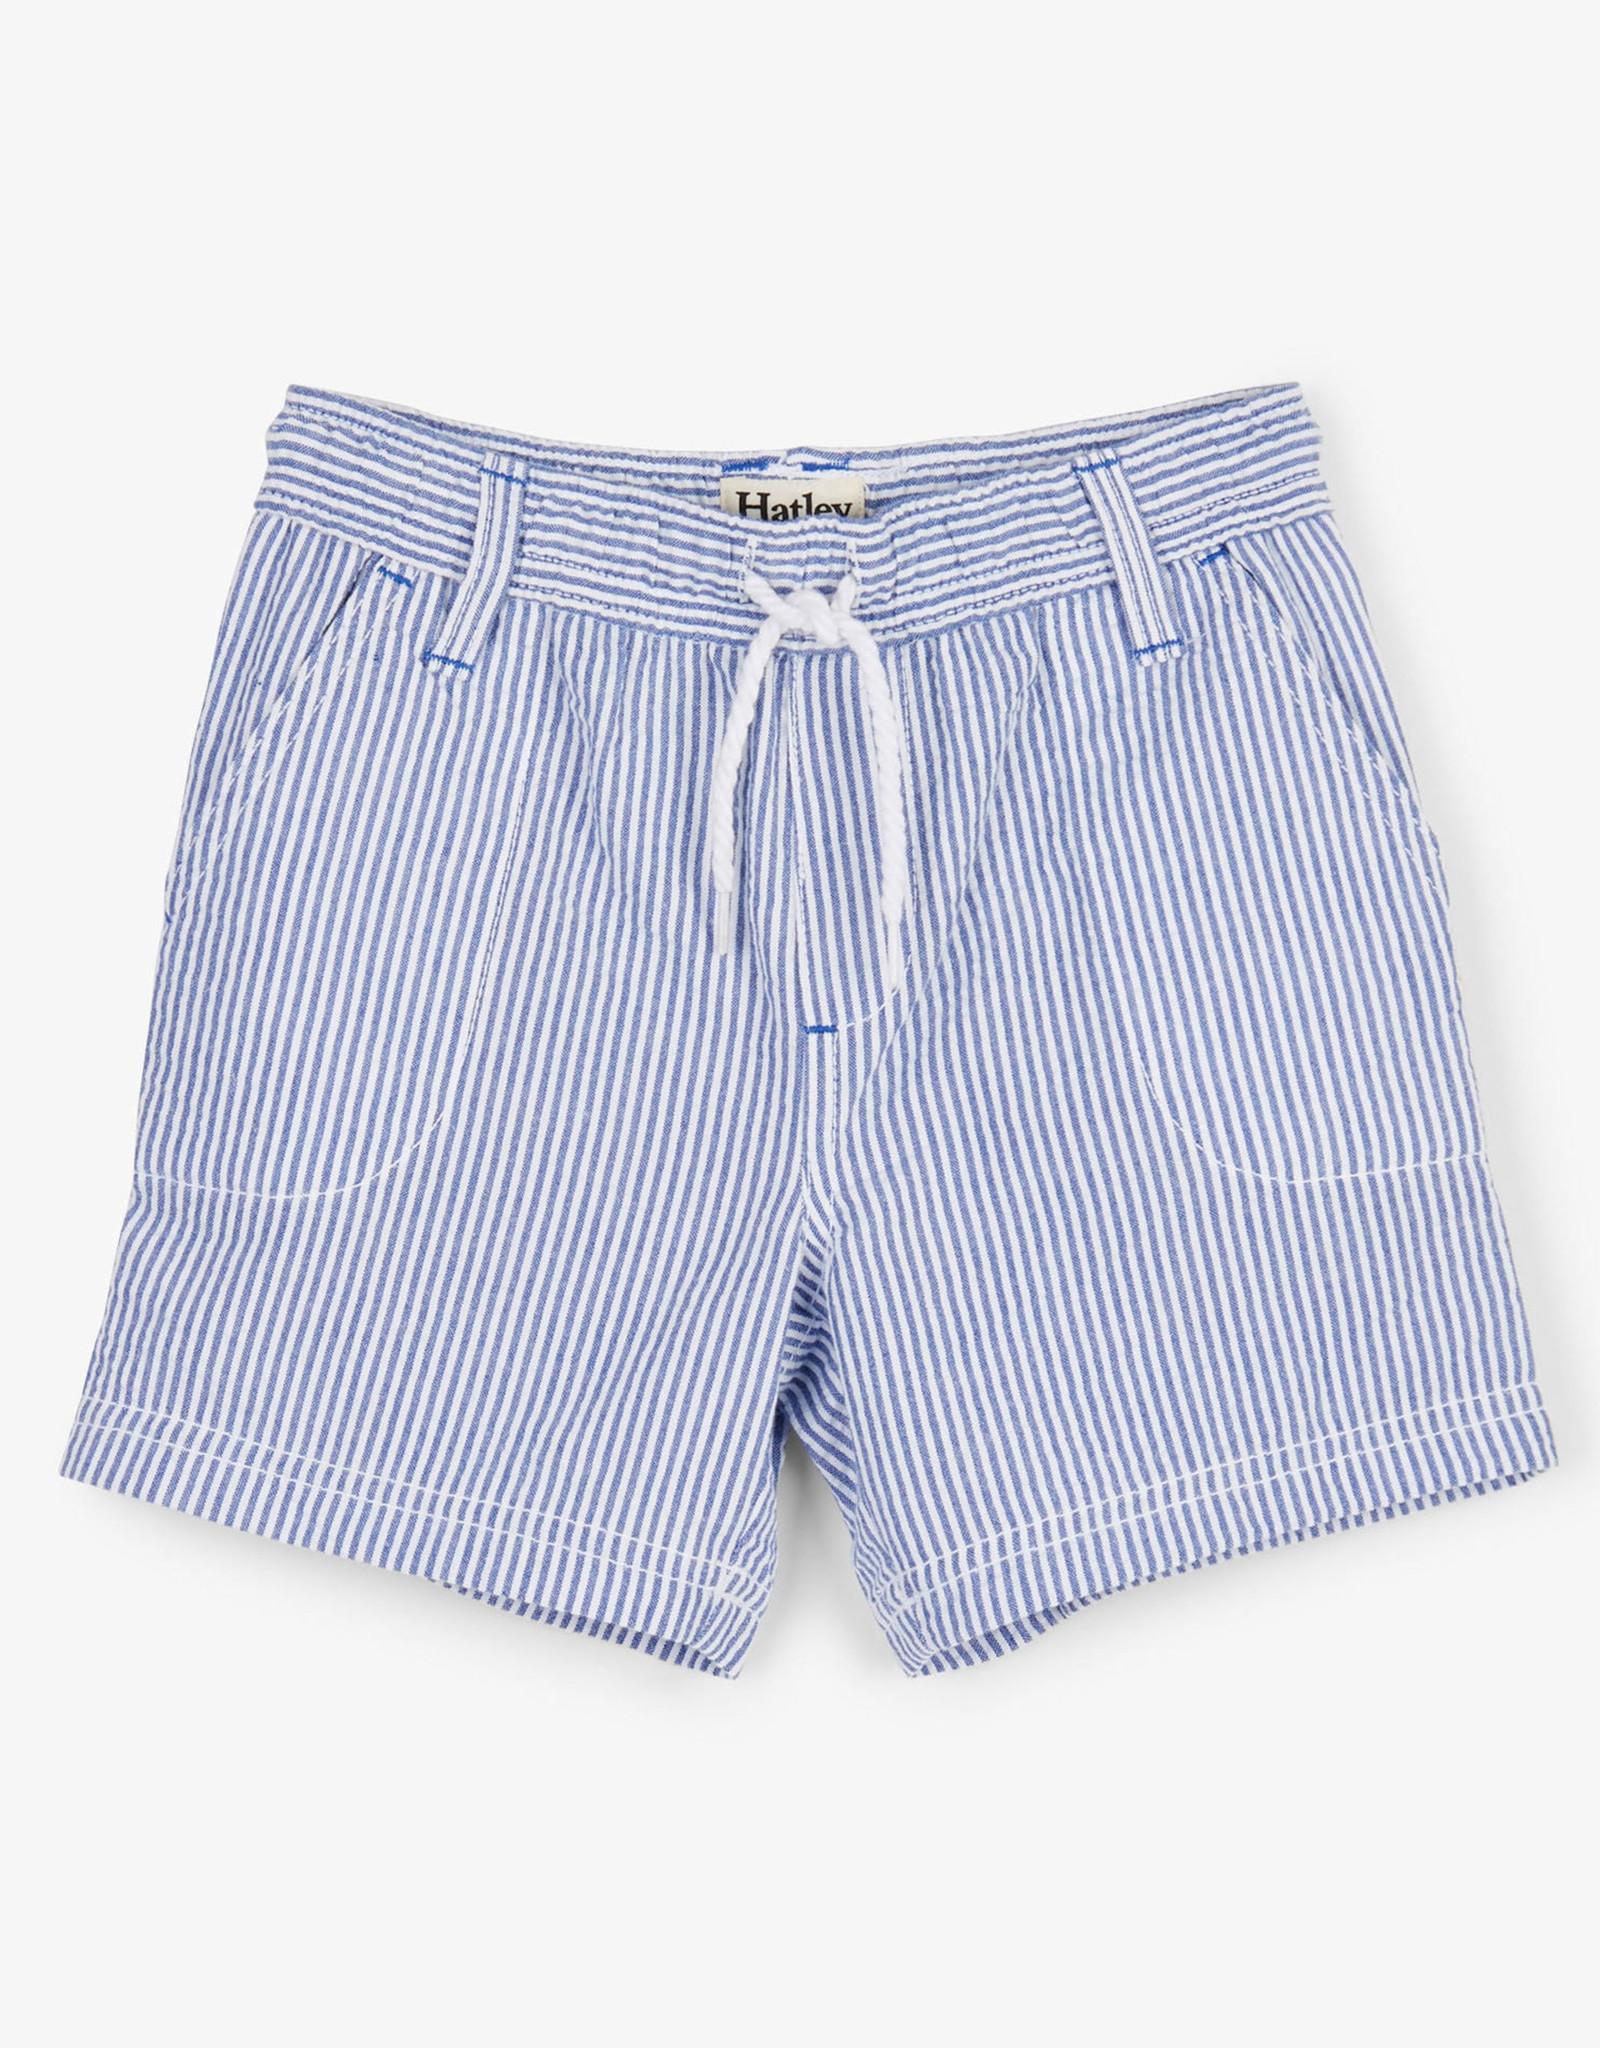 hatley Hatley blue stripe woven shorts